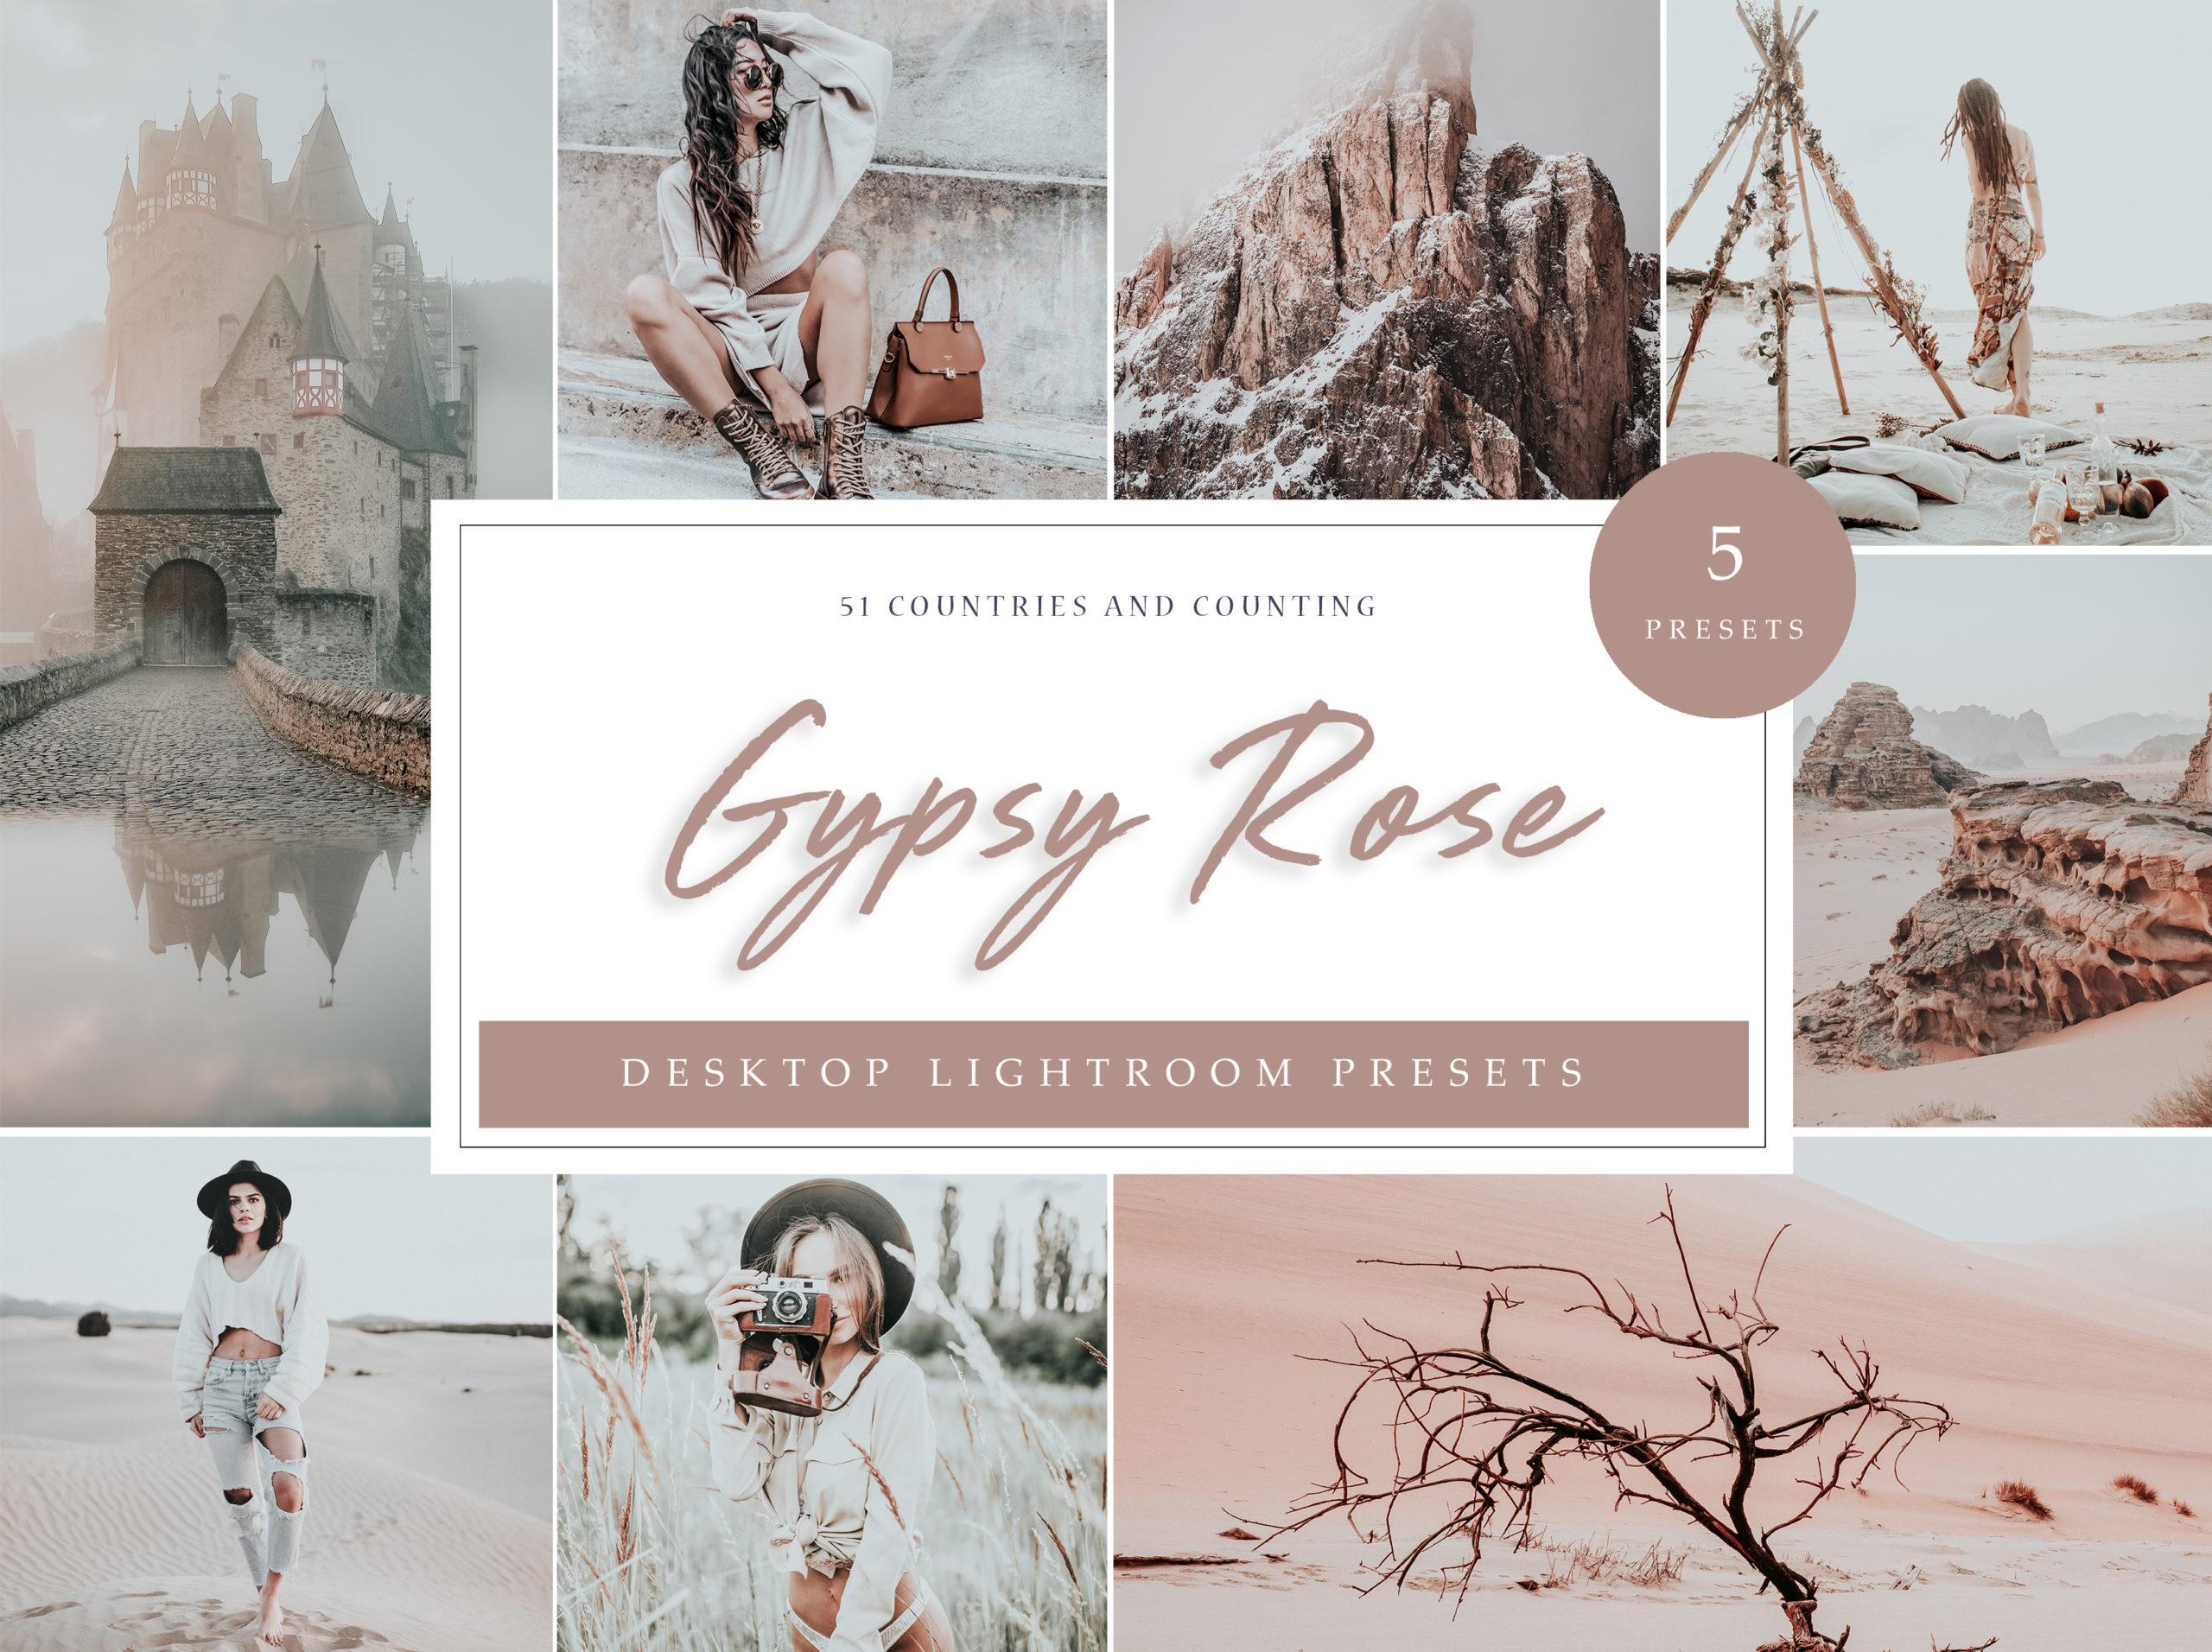 Gypsy Rose Desktop Lightroom Presets // LR Template